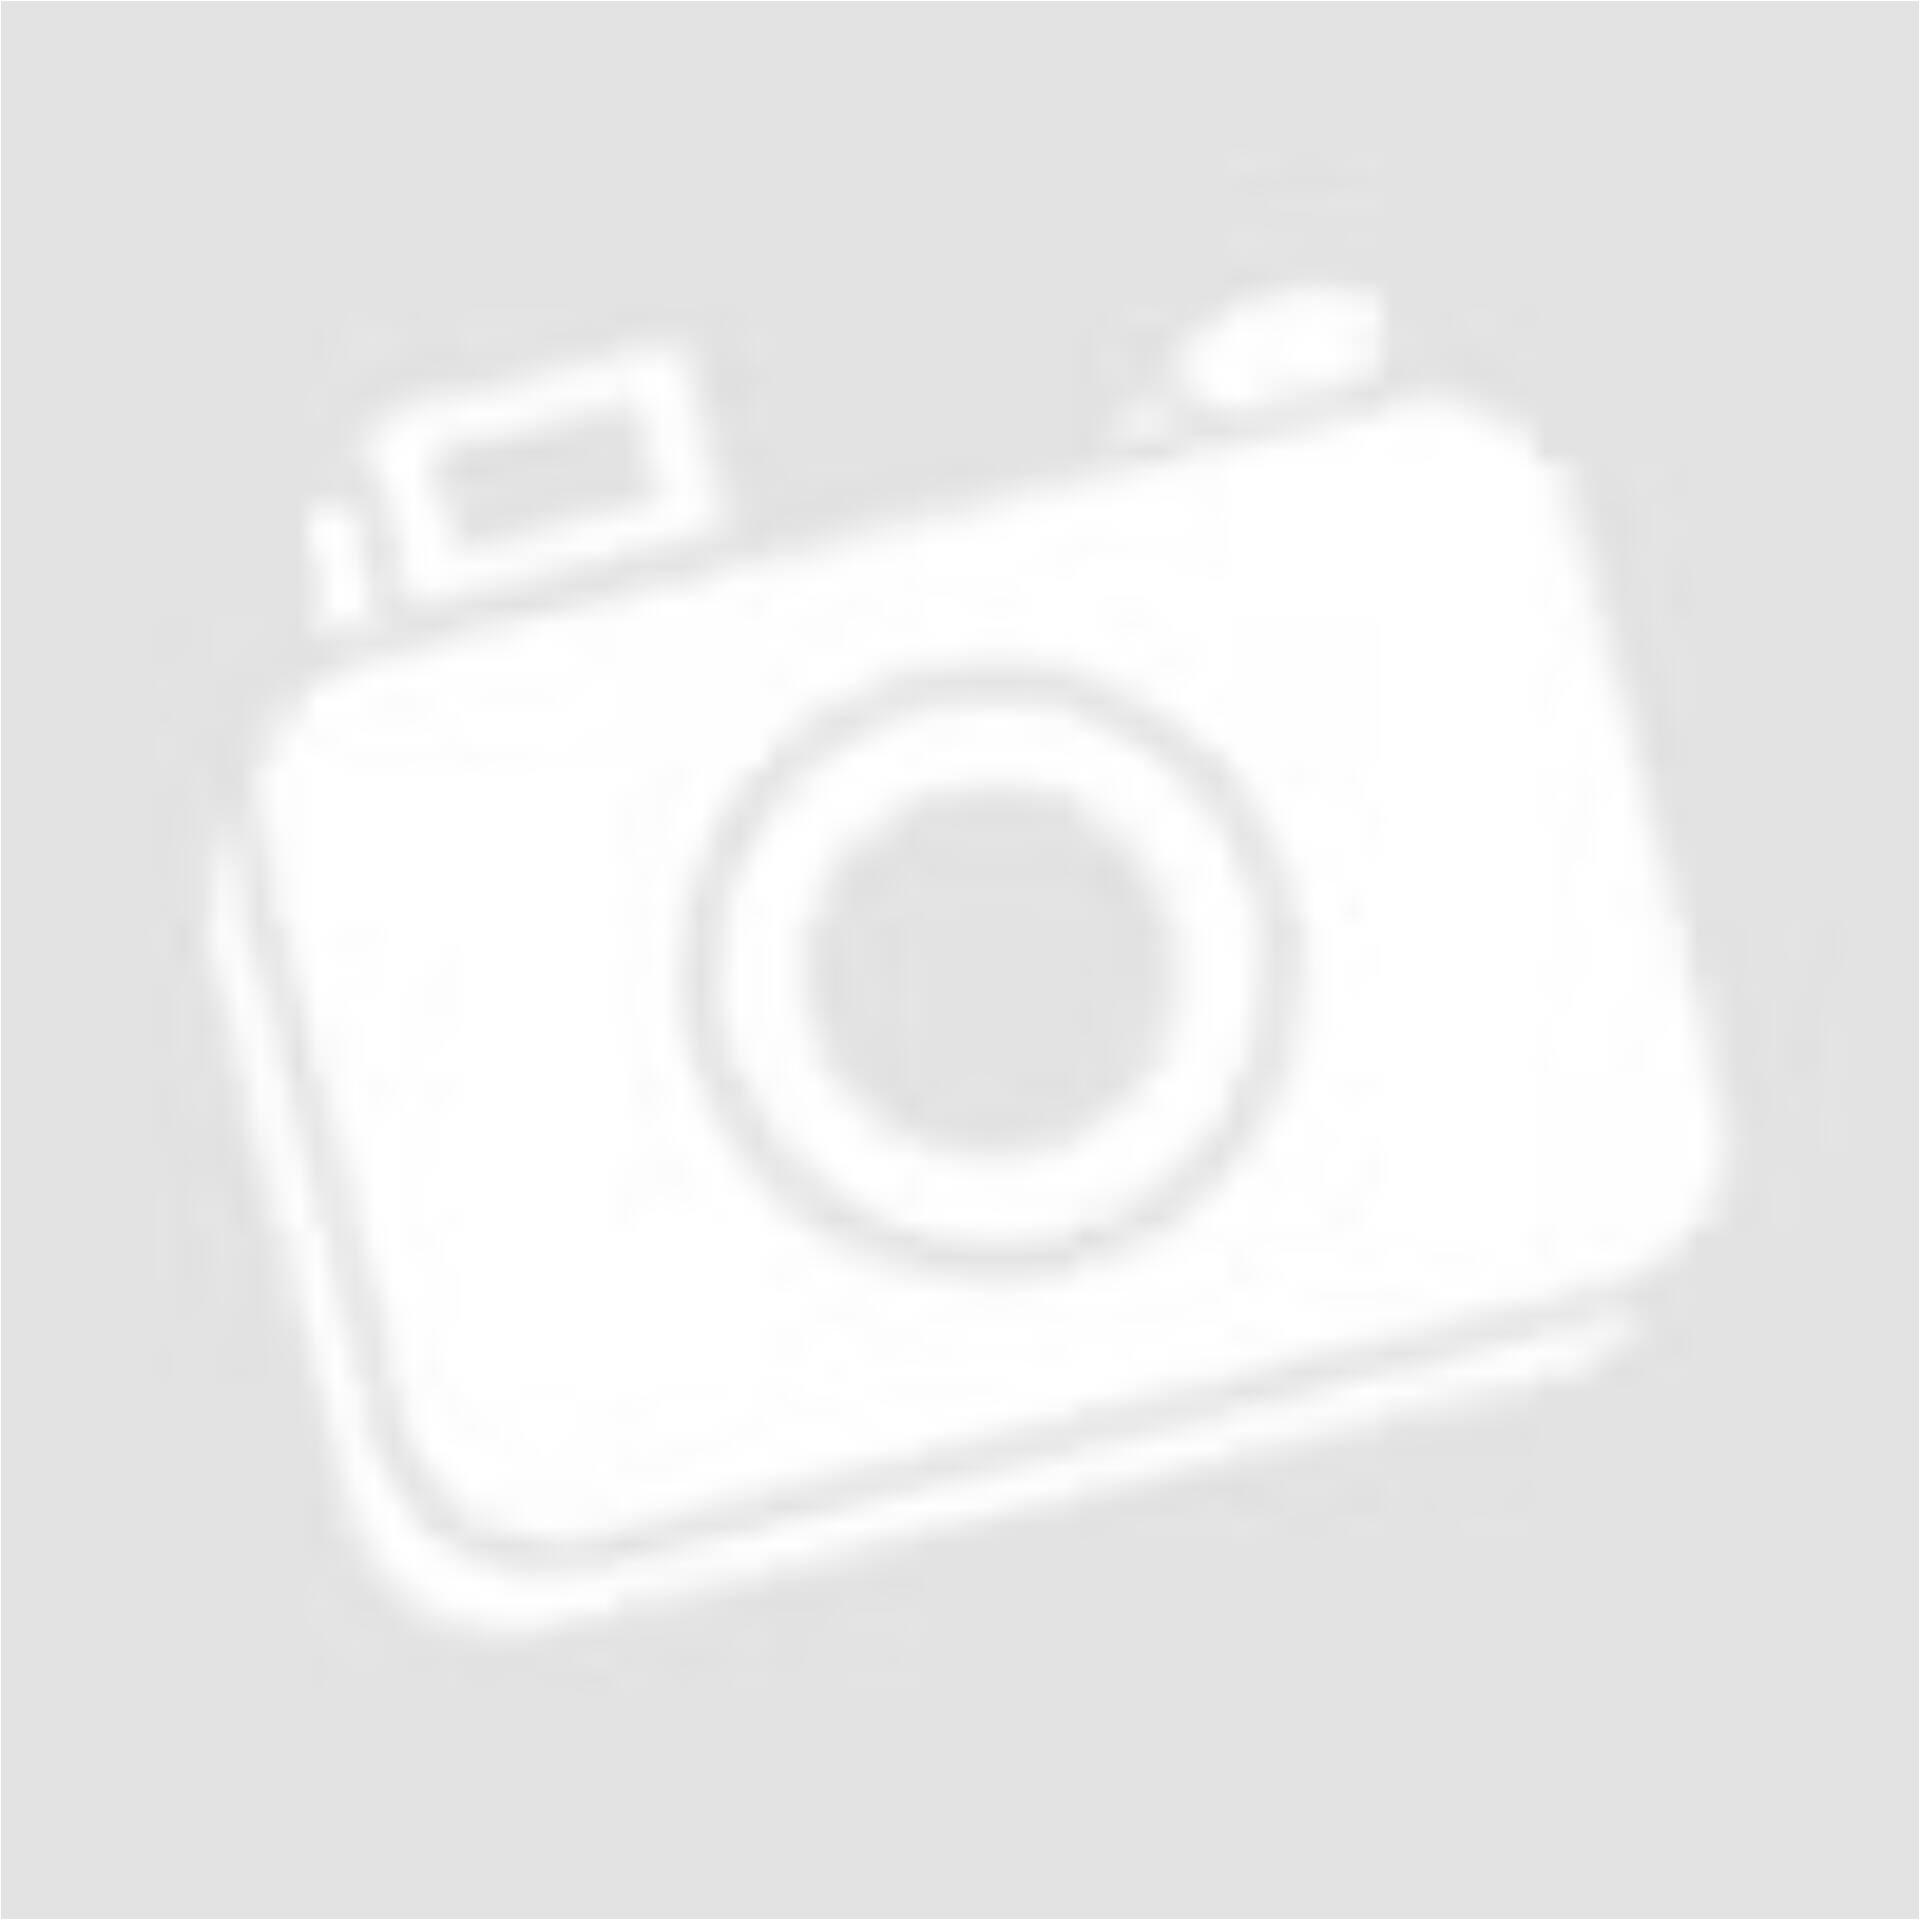 b4663dab3e Kép 1/2 - Fehér színű Graceland cipő (Méret: 42). Loading zoom. Katt rá a  felnagyításhoz